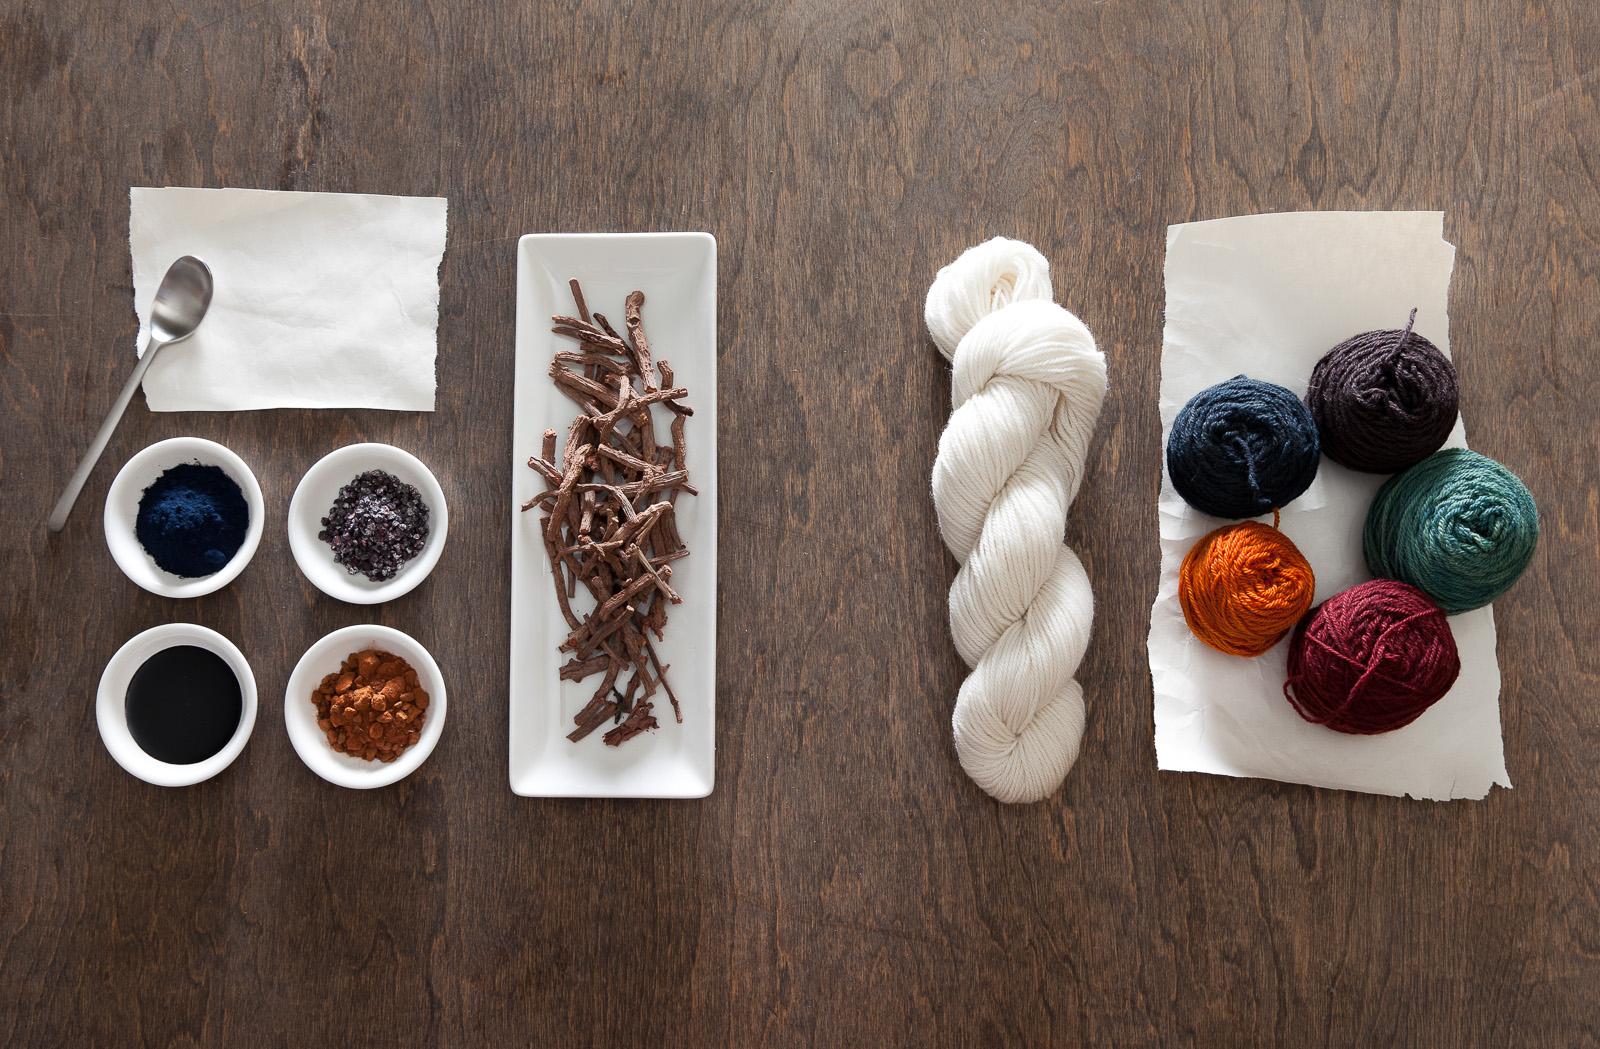 dye ingredients, client: Tom Milewski Design